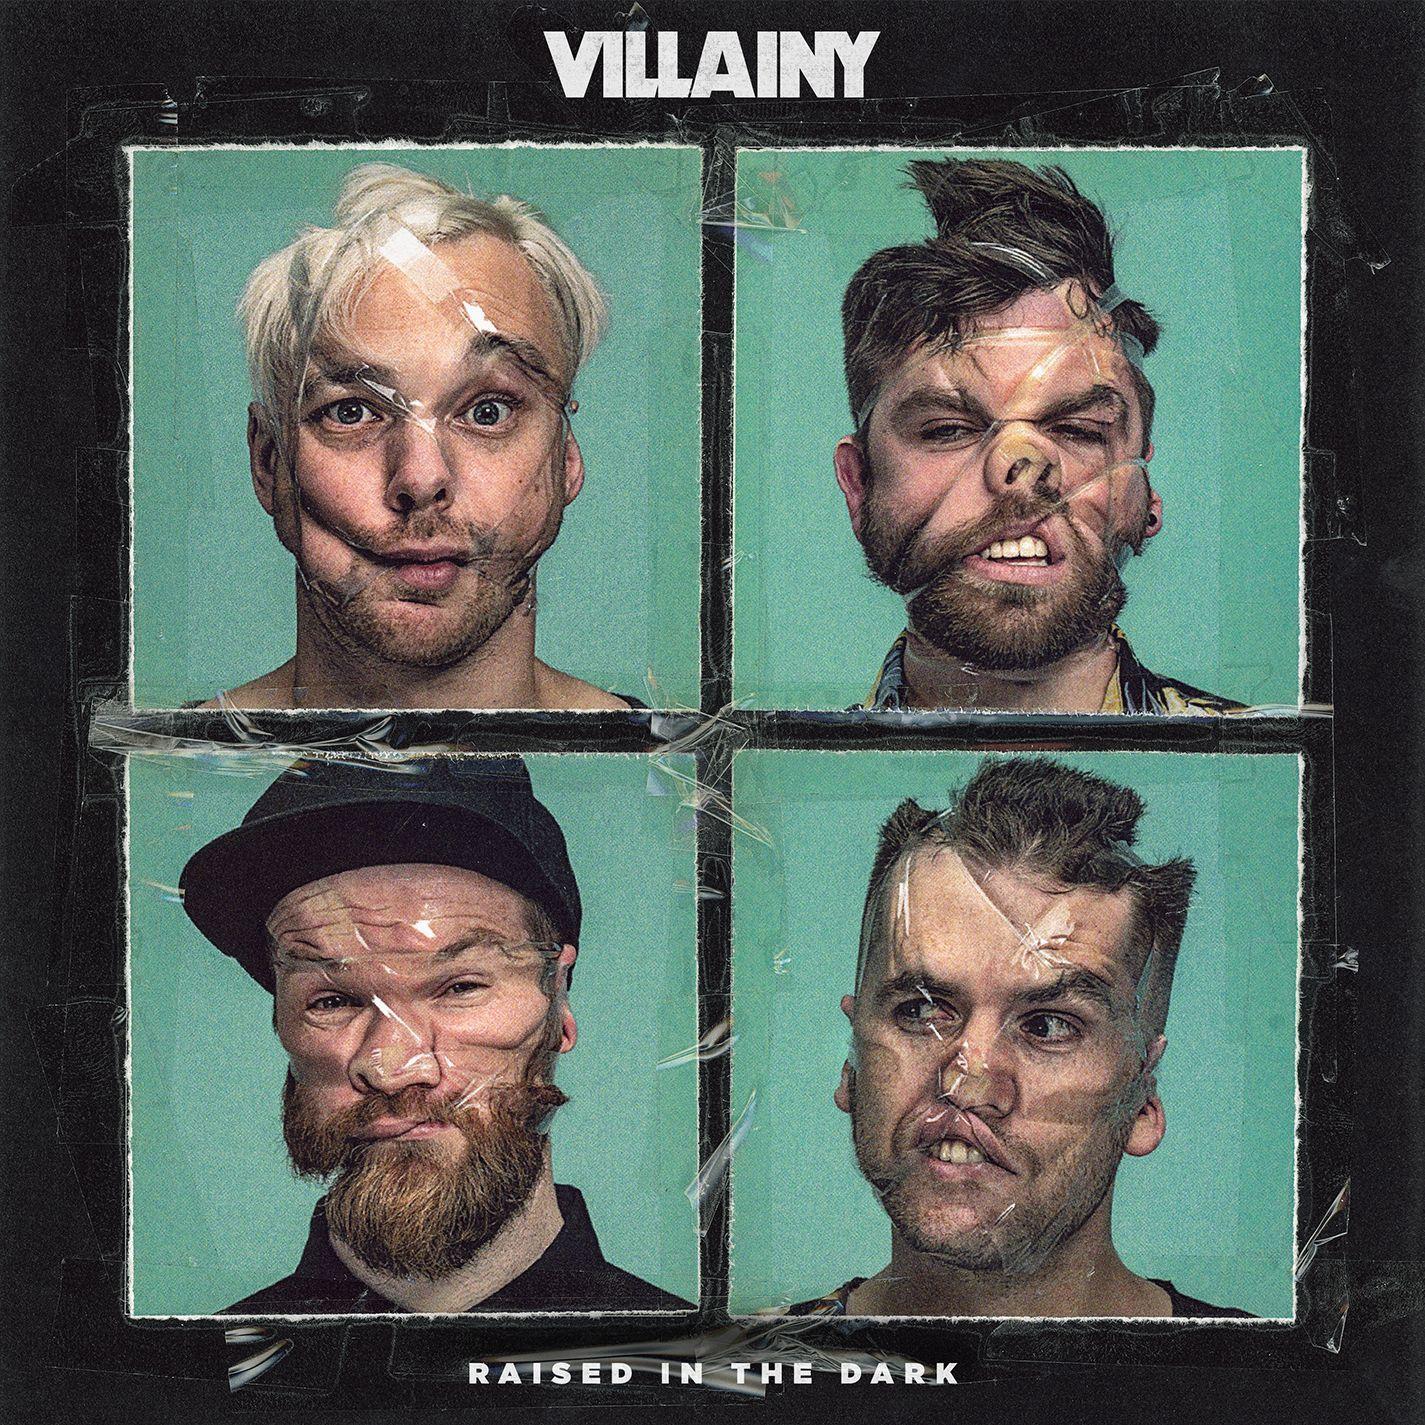 Villainy